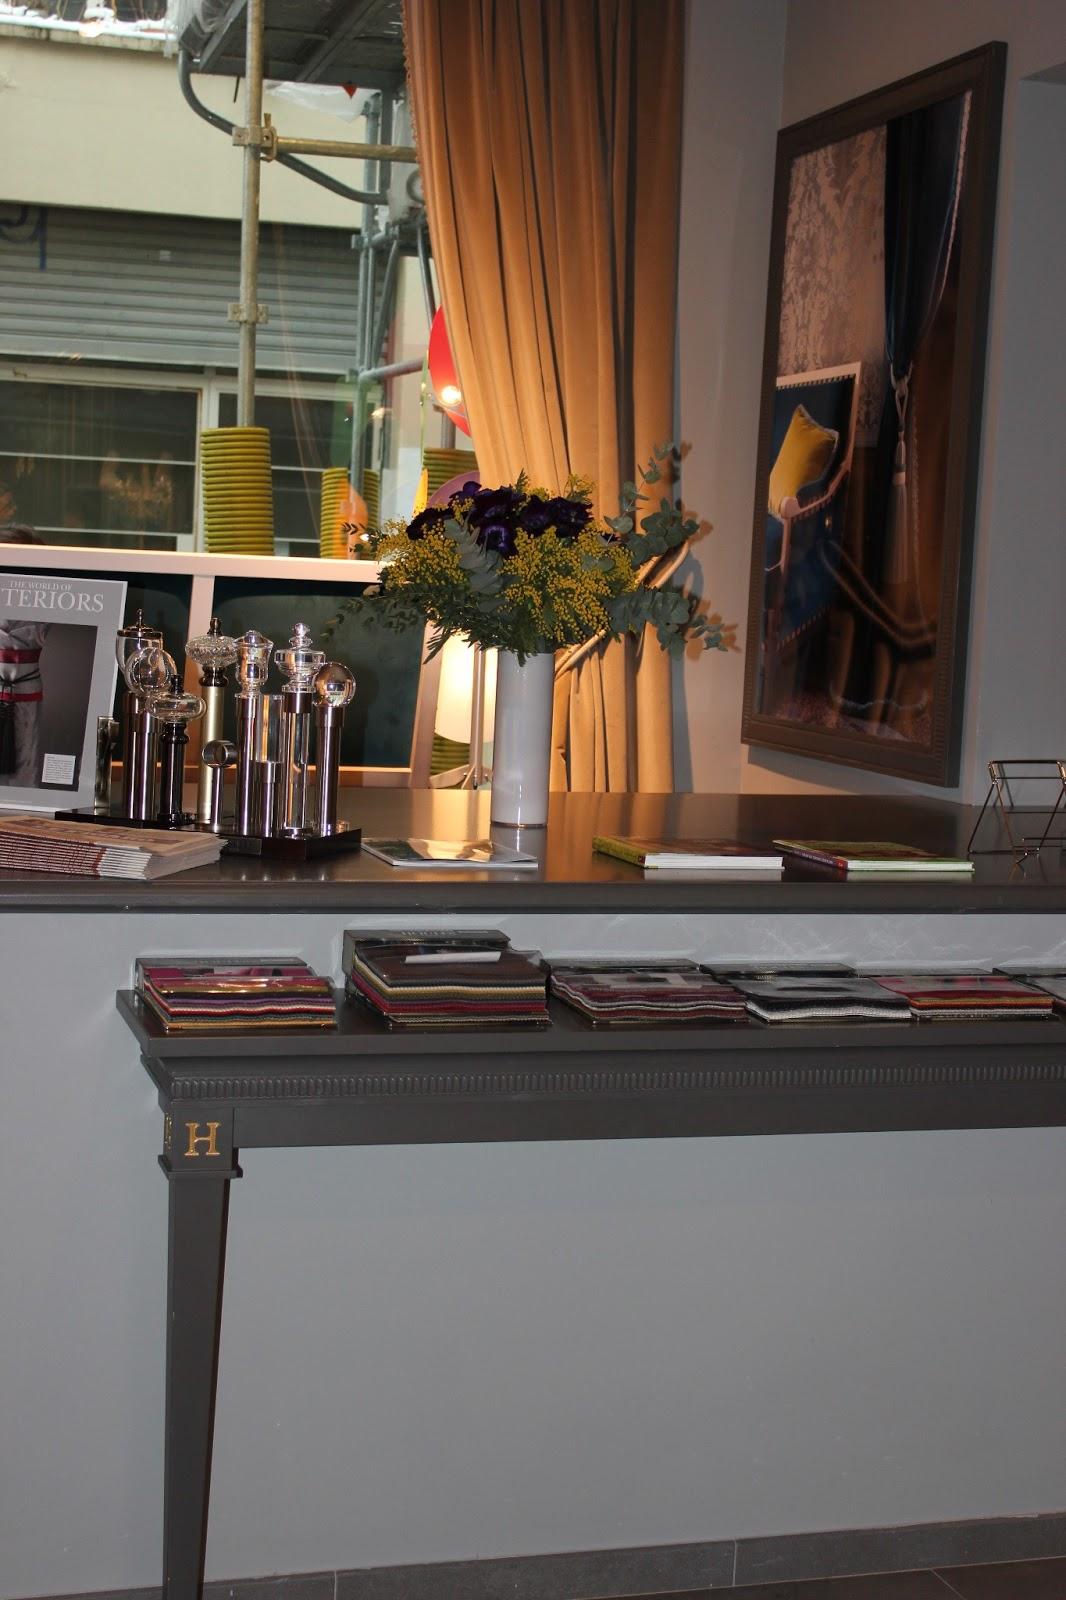 atelier rue verte le blog houl s paris d co off 3. Black Bedroom Furniture Sets. Home Design Ideas